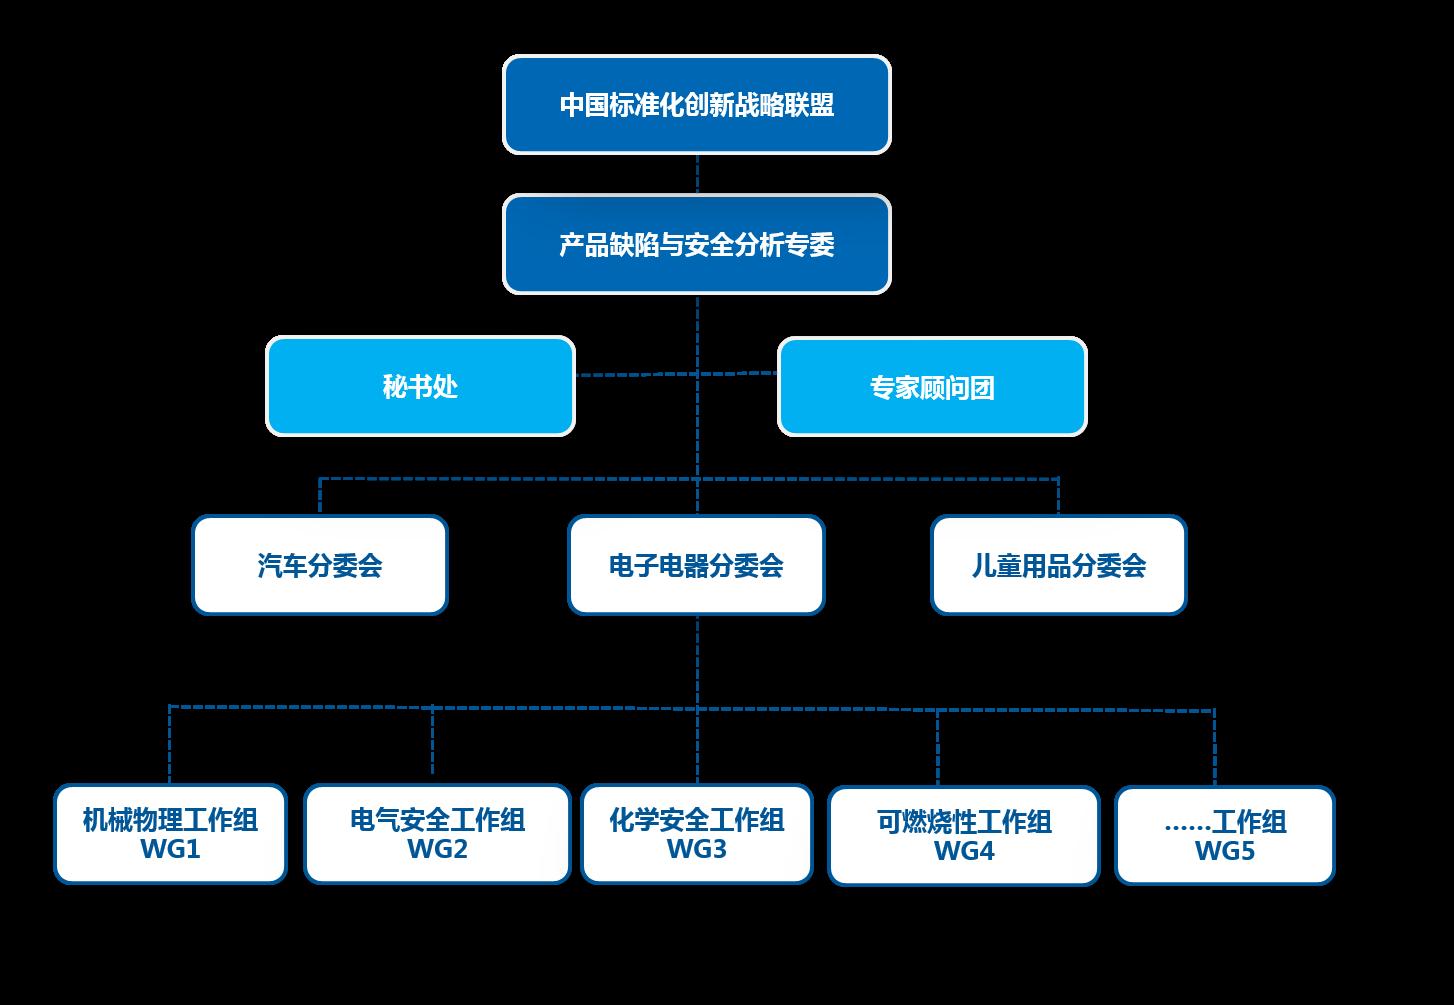 中国标准化创新战略联盟产品缺陷与安全分析专委会.png